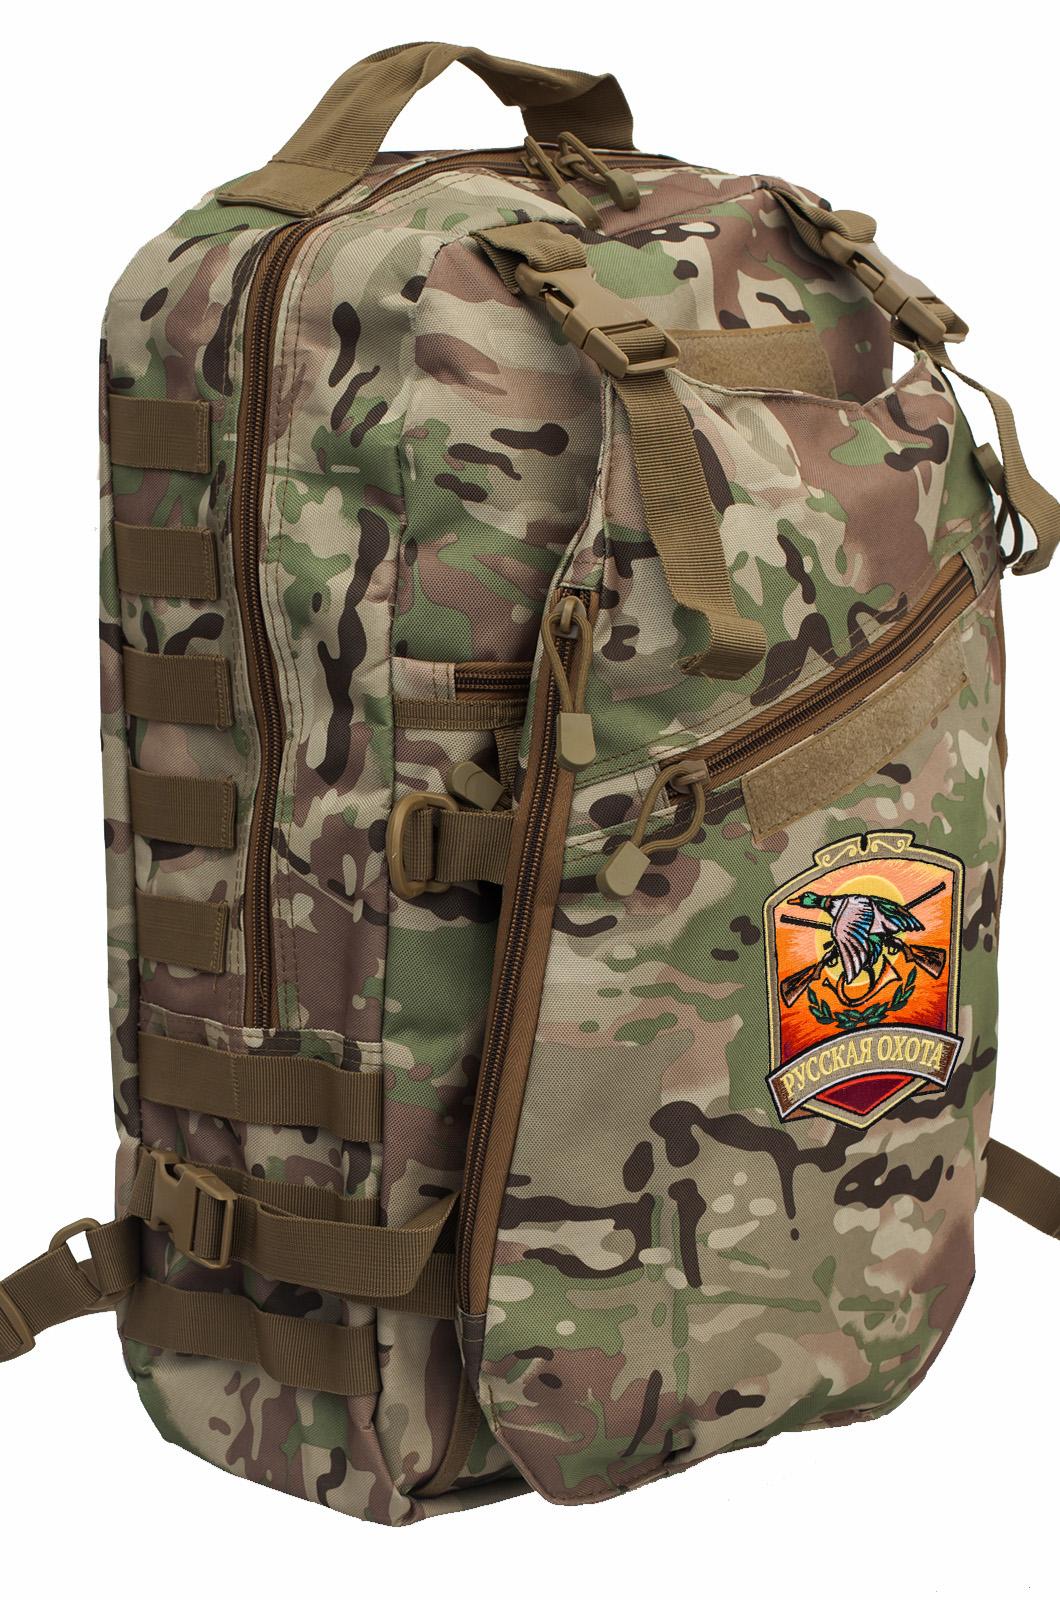 Охотничий камуфляжный рюкзак Русская Охота - заказать в розницу